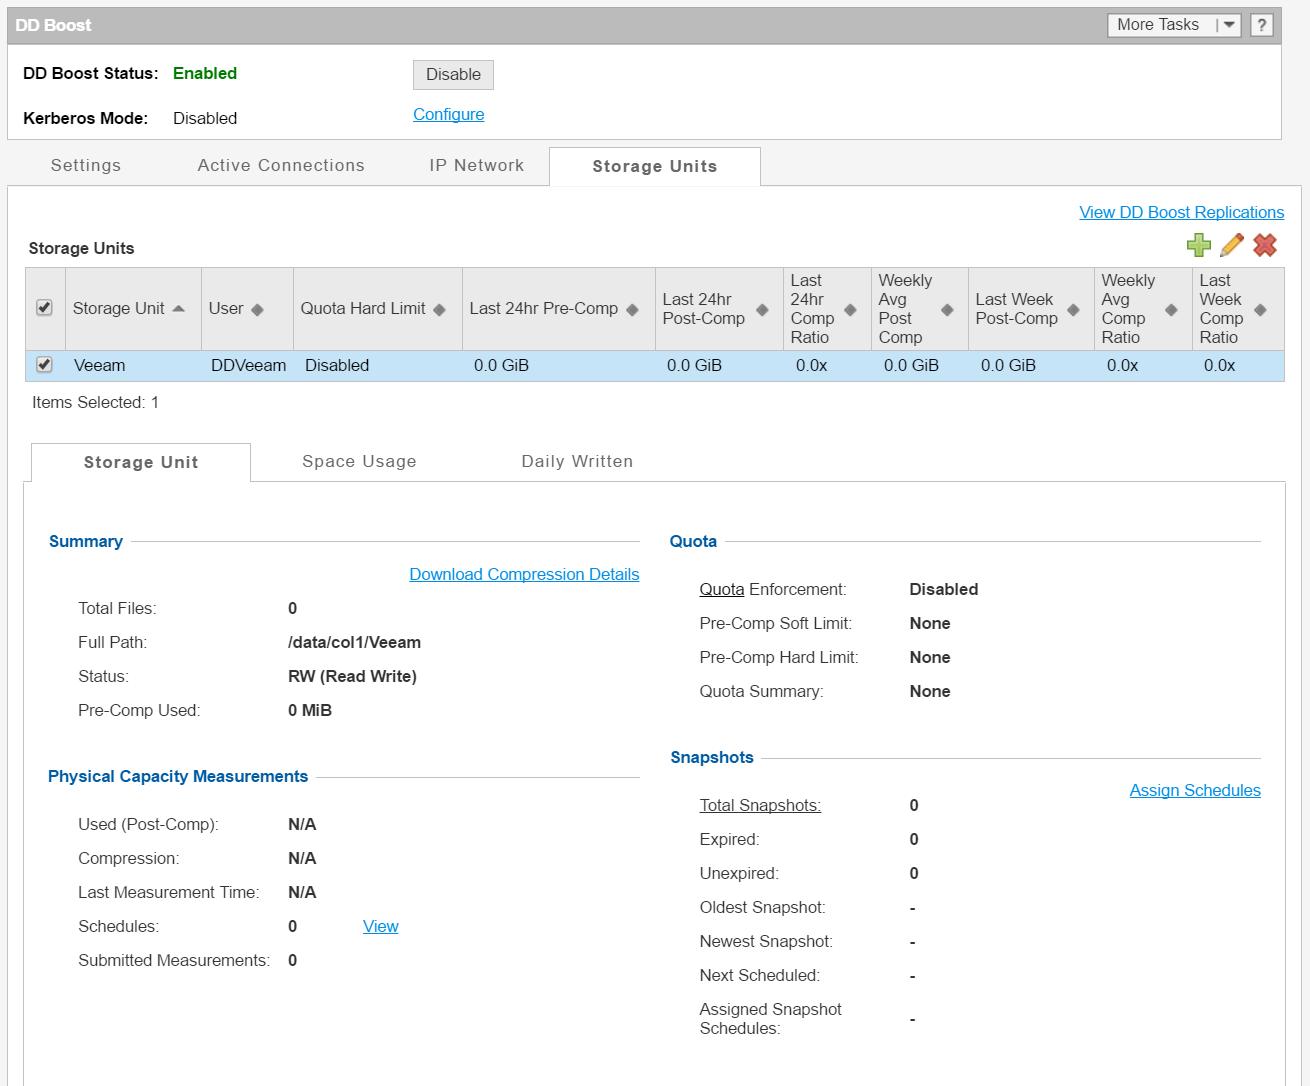 domalab.com DD Boost Storage units